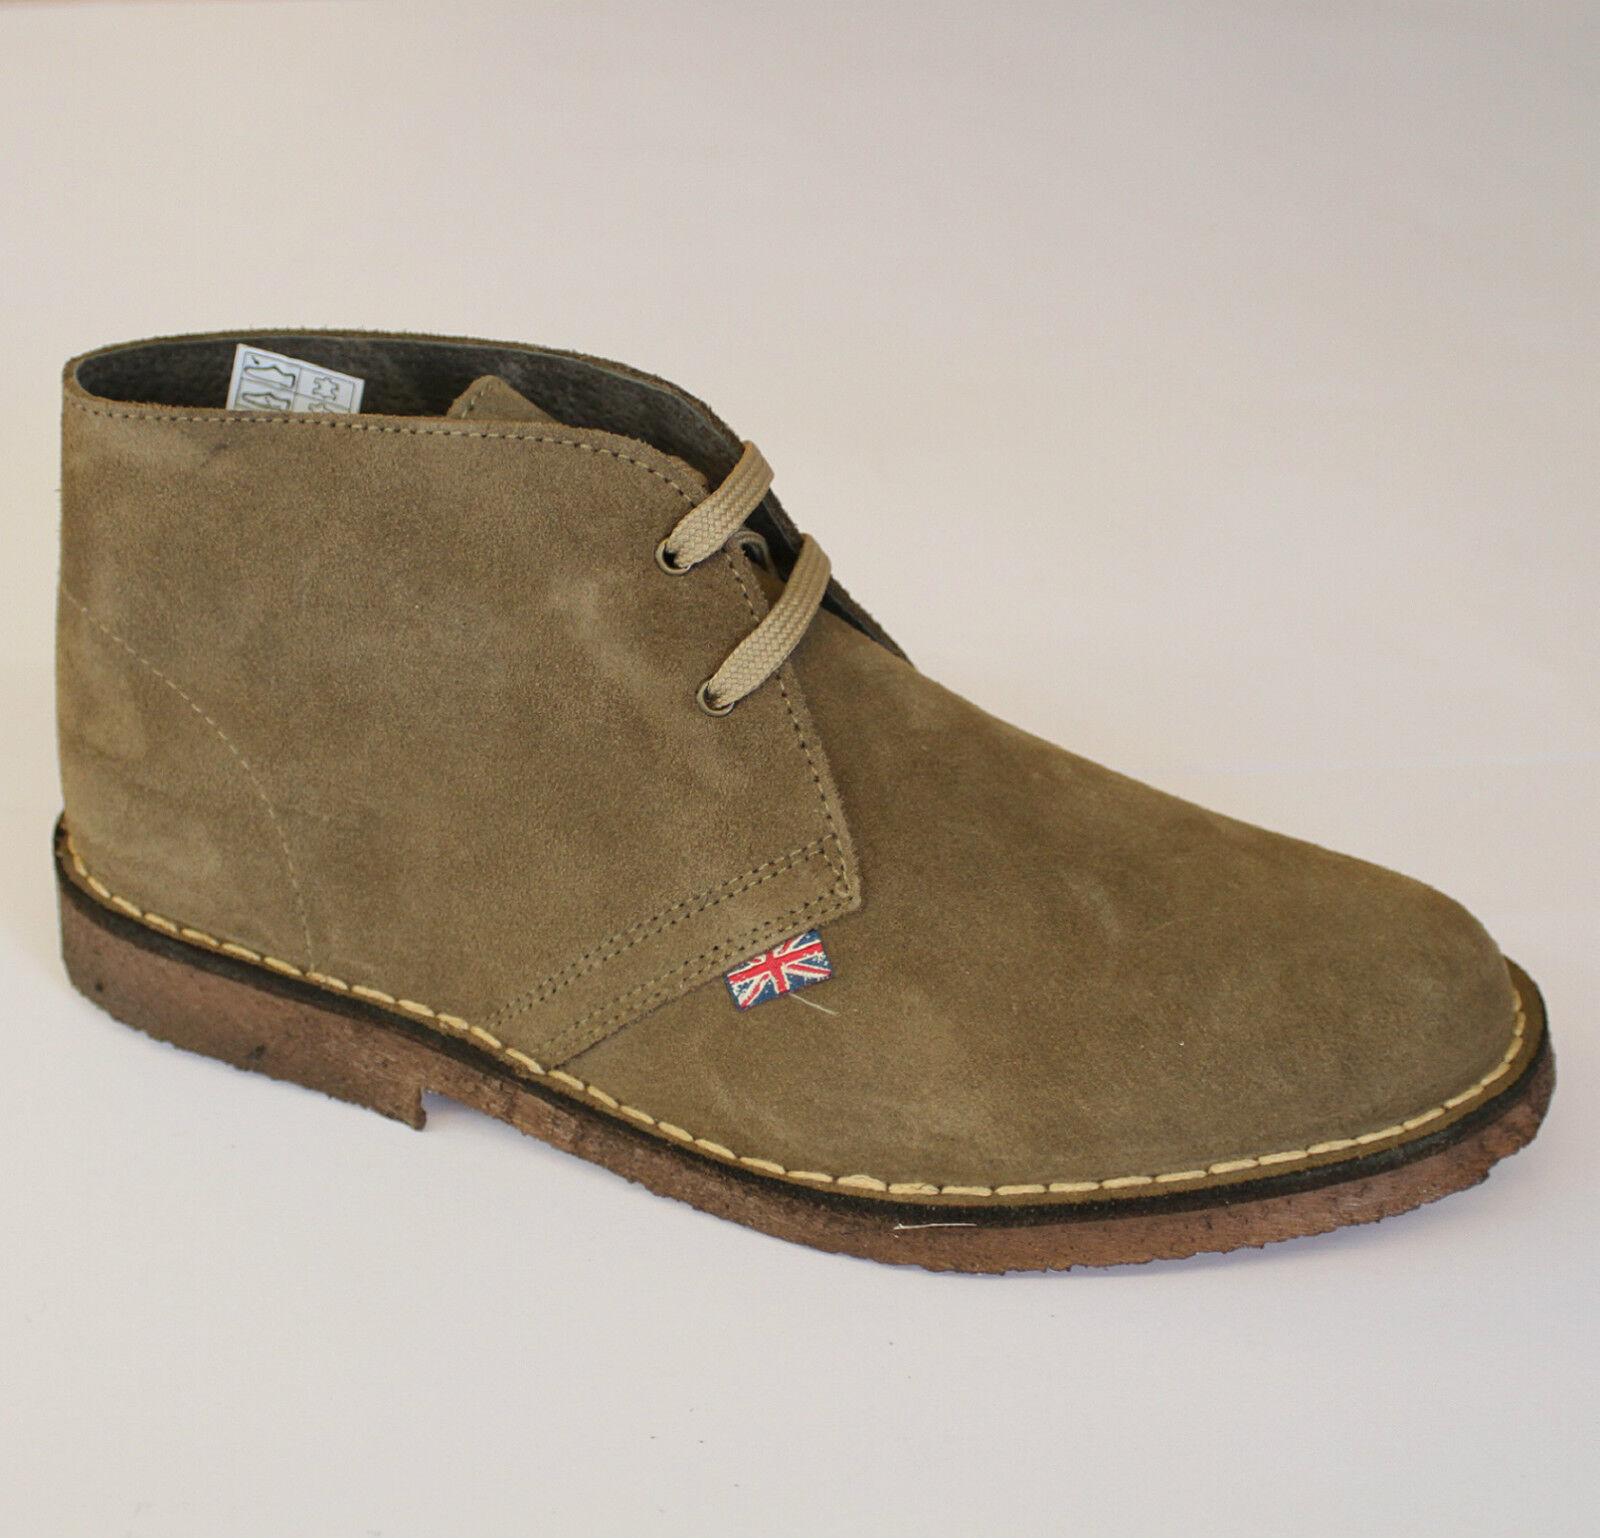 PREGUNTA Boot scarponcino pelle scamosciata Desert Boot PREGUNTA UOMO caribou 87000 bec749